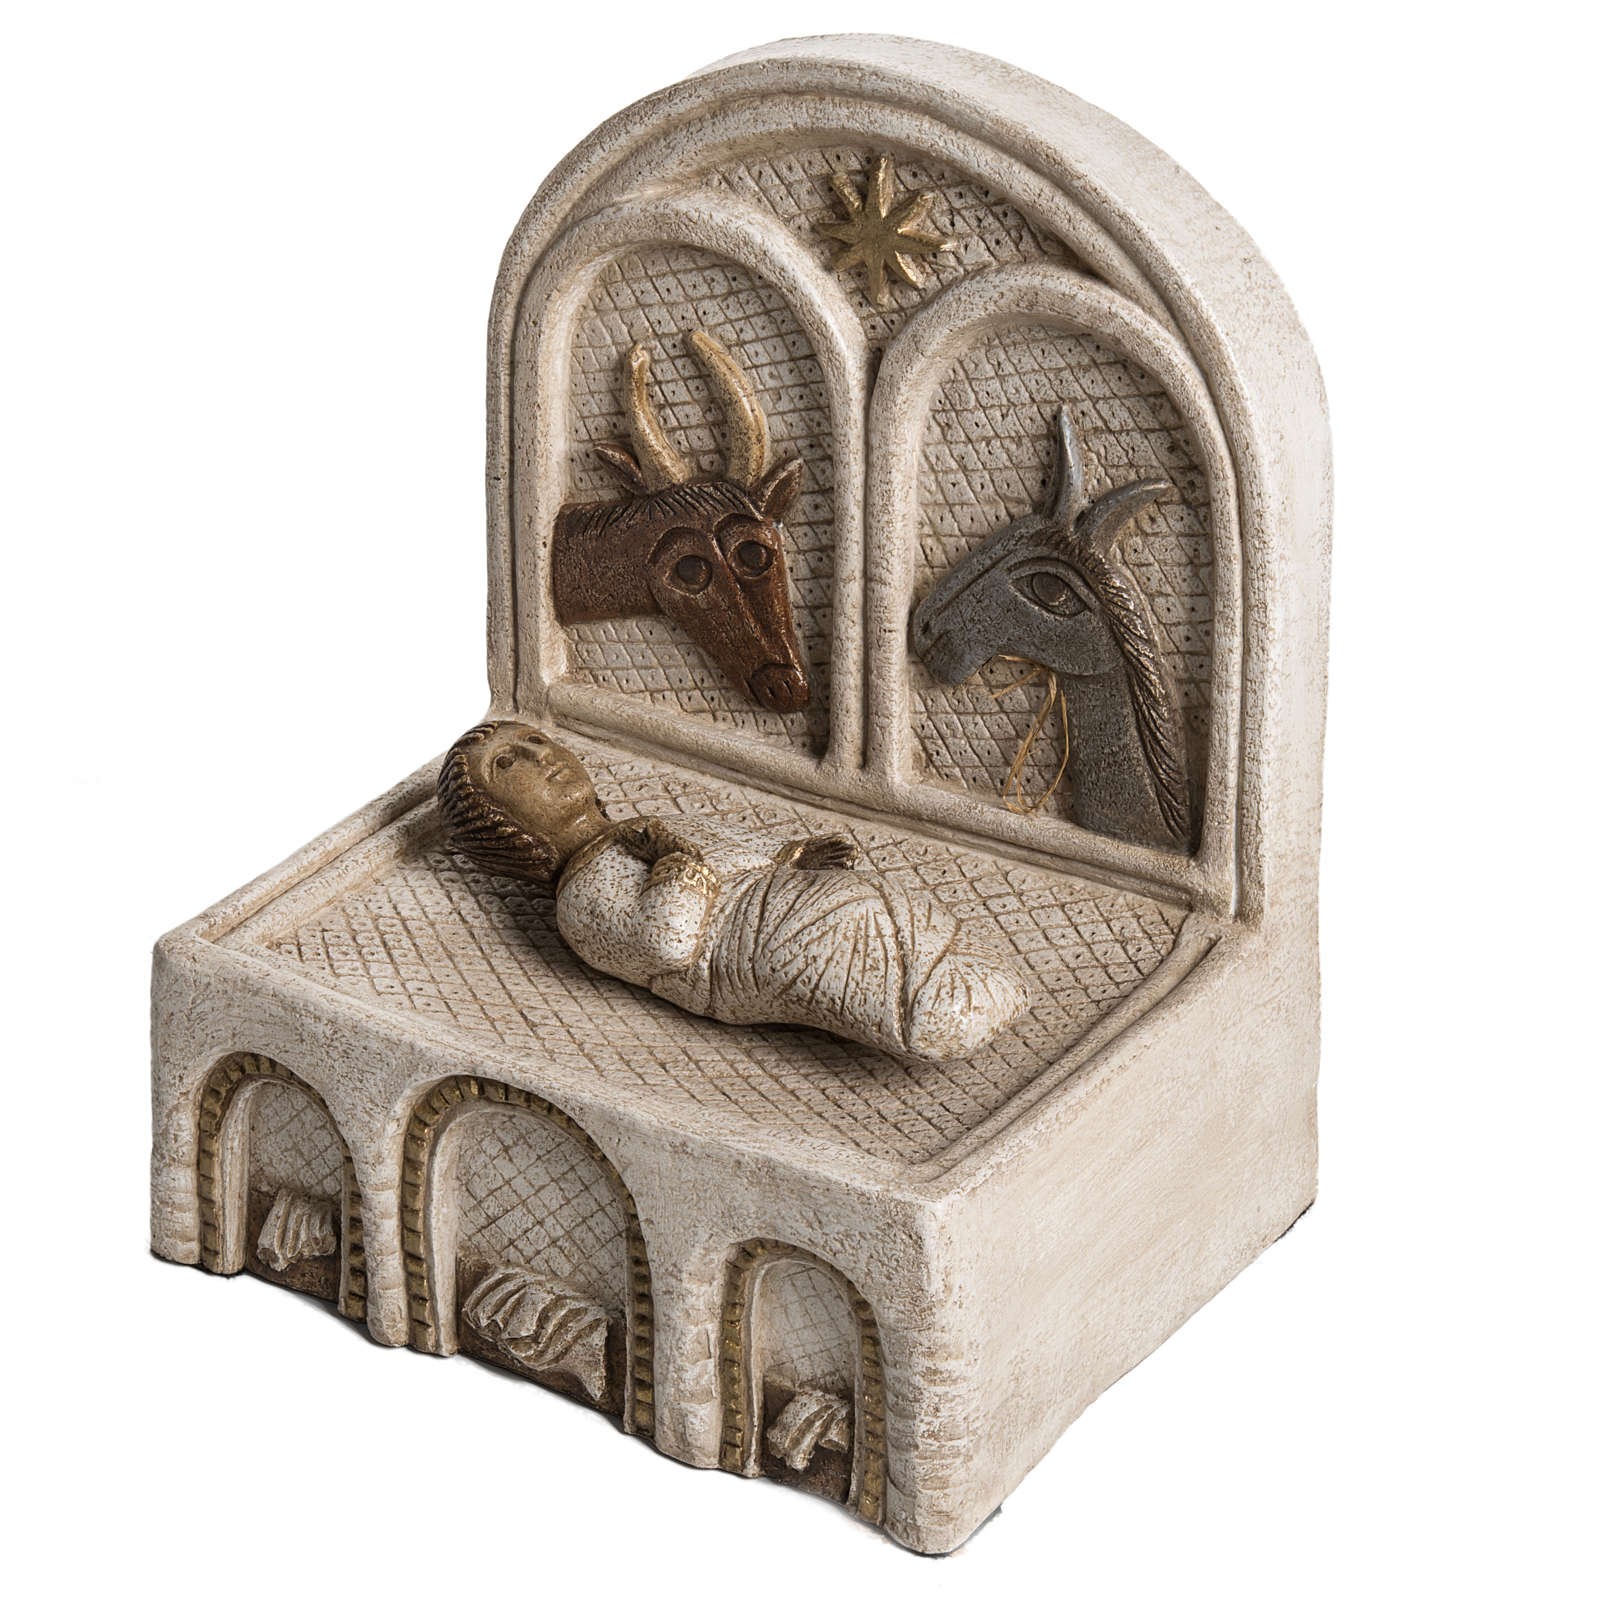 Mangiatoia e Gesù pietra Bethléem Gran Presepe Autunno bianco 4